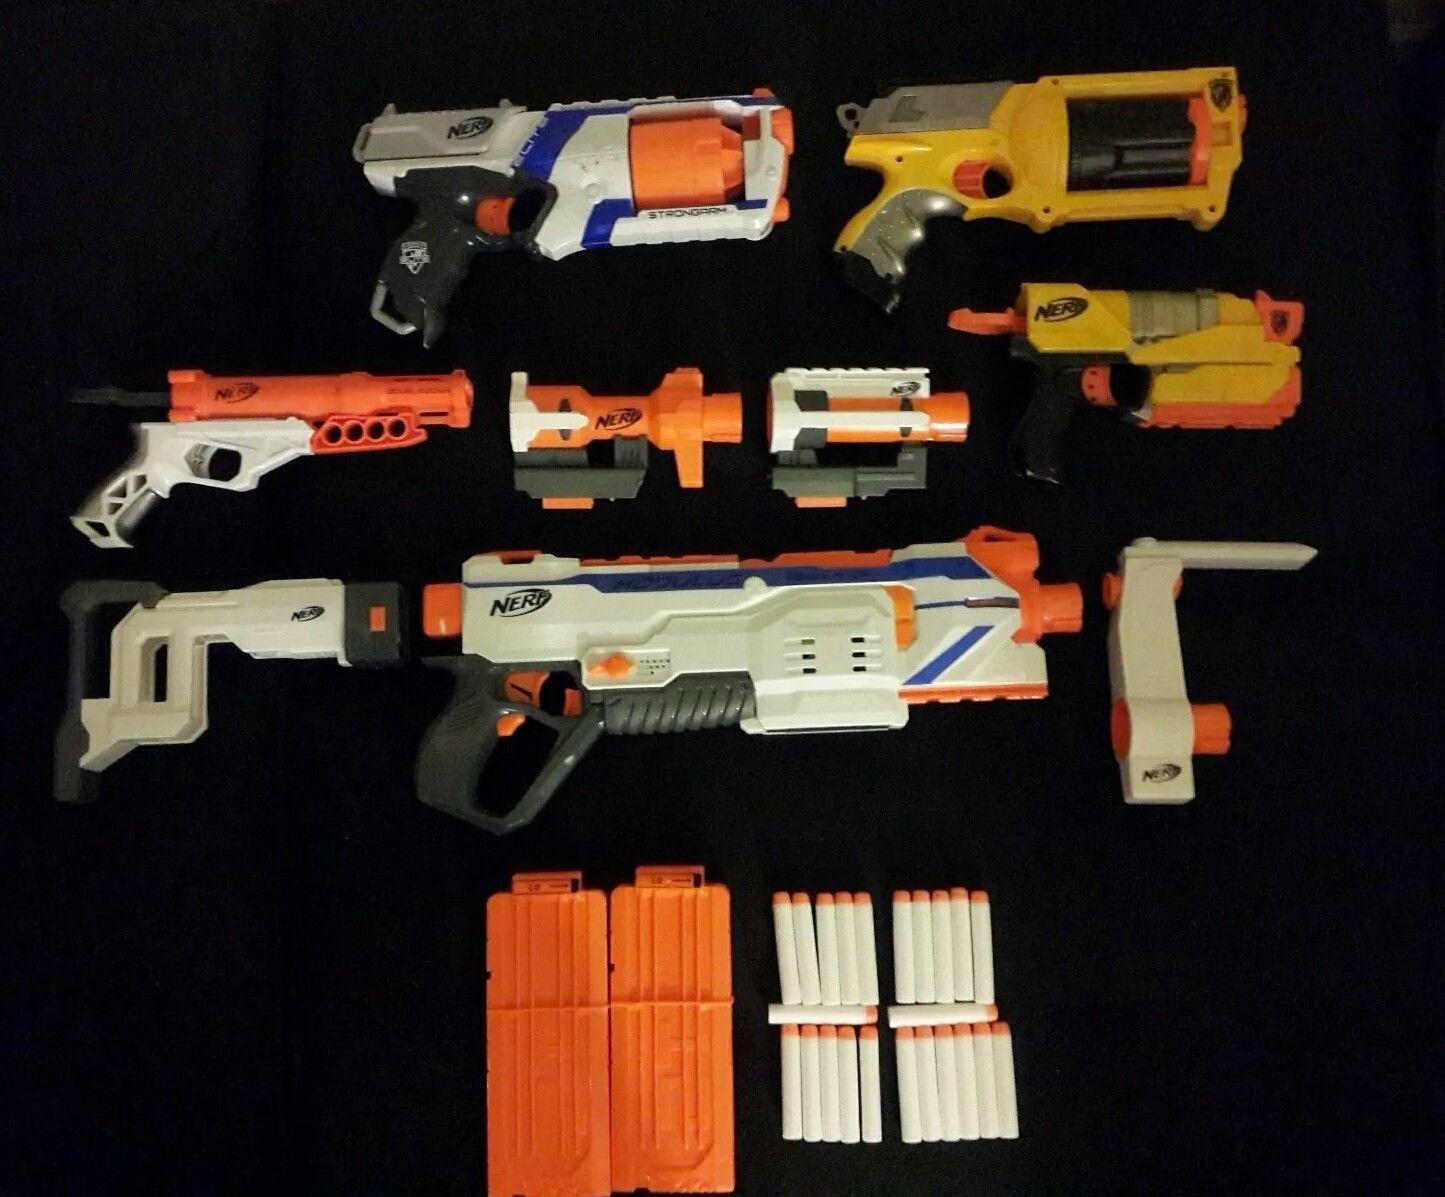 NERF Modulus Regulator Blaster Gun Toy 12 Dart Clips 24 Elite Darts 3 Modes